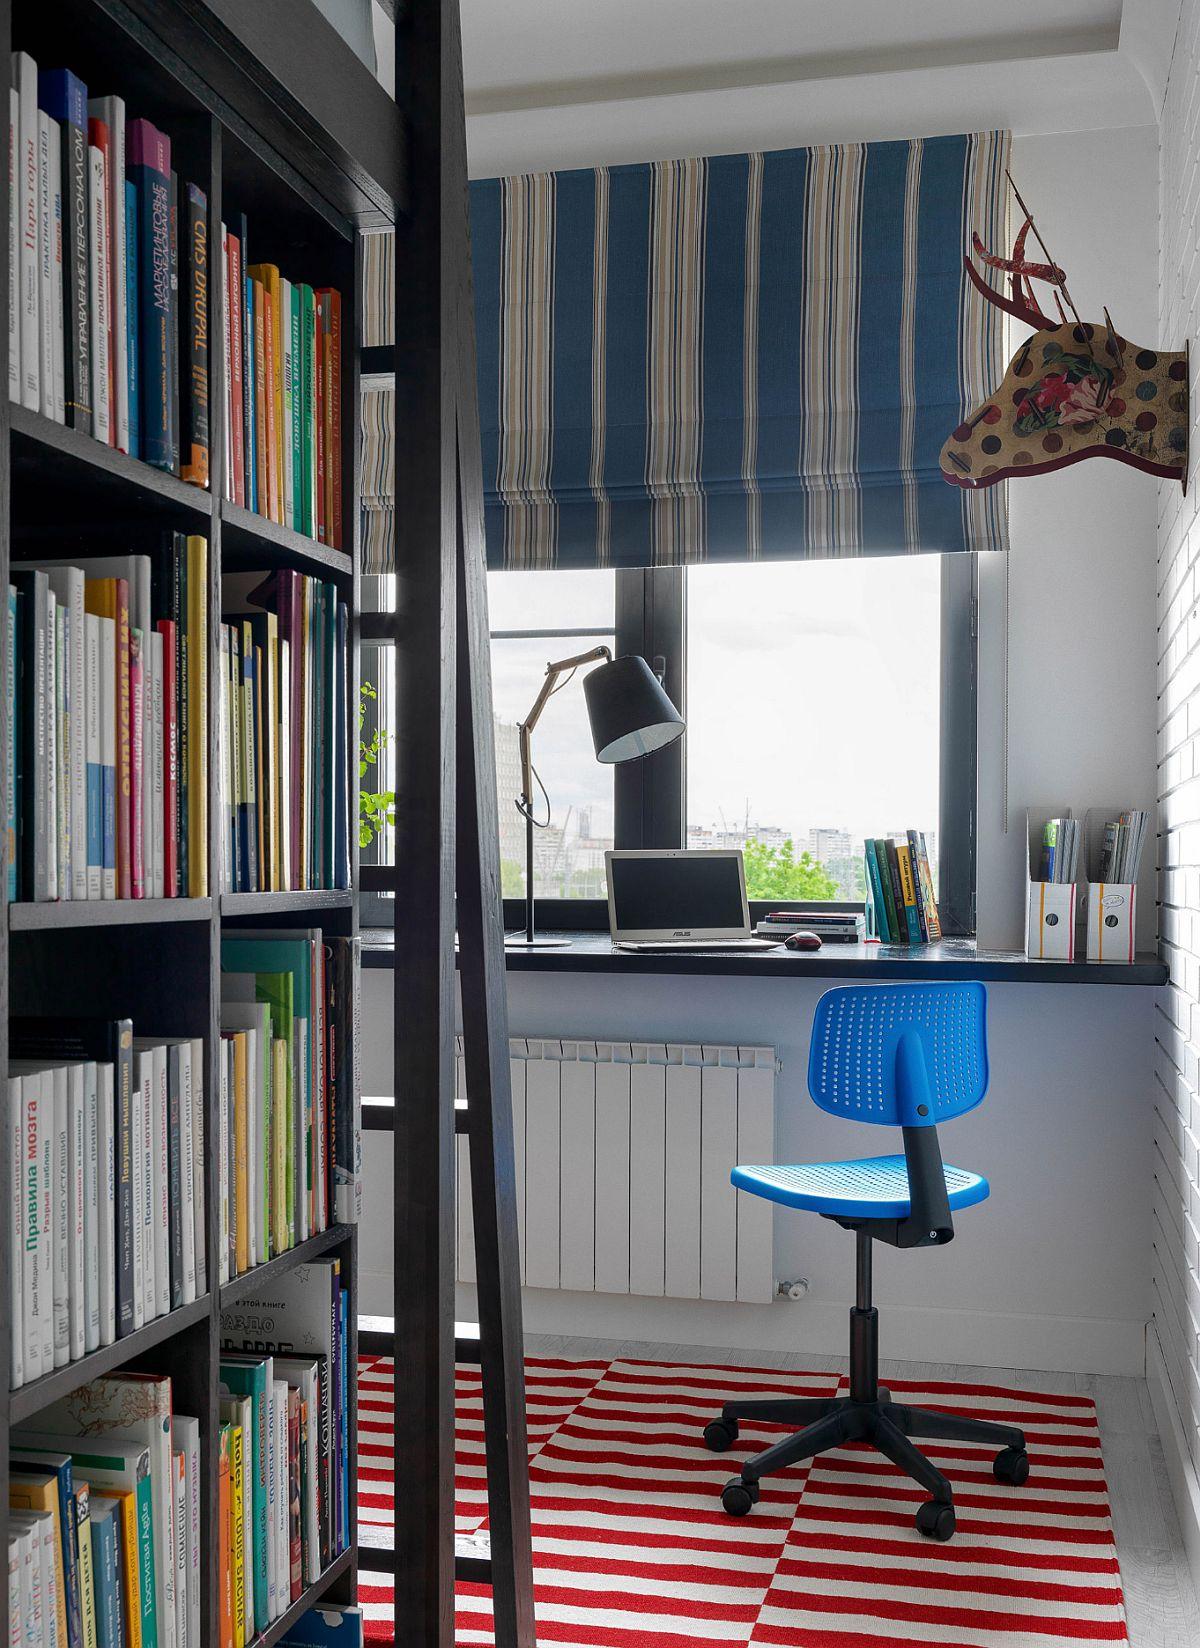 În camera copiilor a fost gîndit un volum de mobilier multifuncțional cu lateralele pentru cărți, iar în partea superioară pat dublu la care se accede prin intermediul unei scări. Locul de birou este configurat simplu în fața ferestrei u un blat montat în console ascunse.